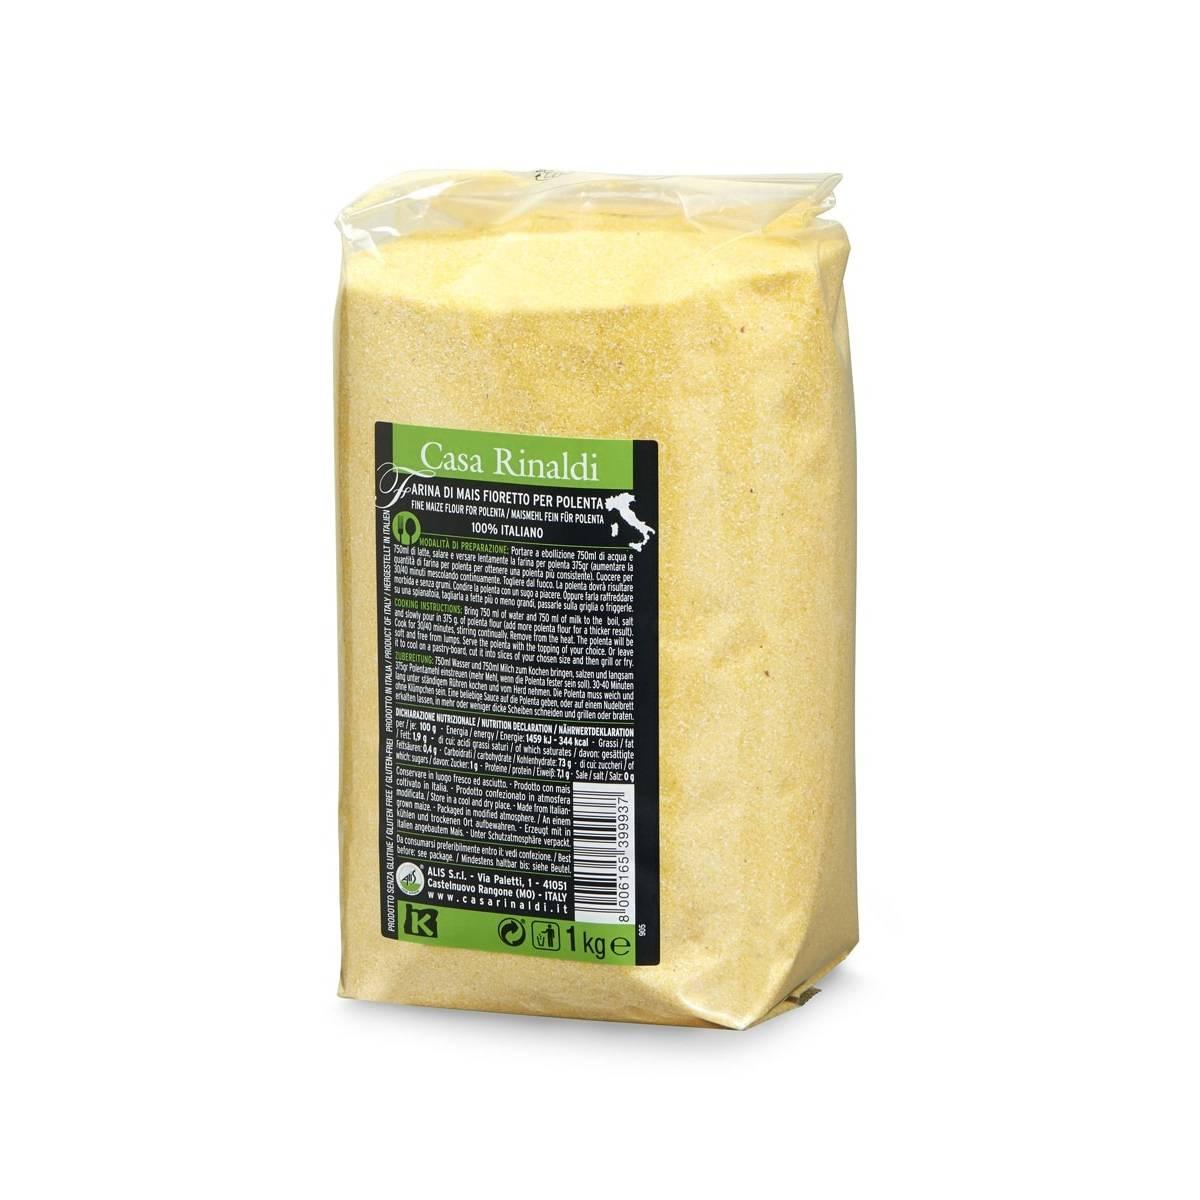 Făină de porumb Fioretto Casa Rinaldi 1kg